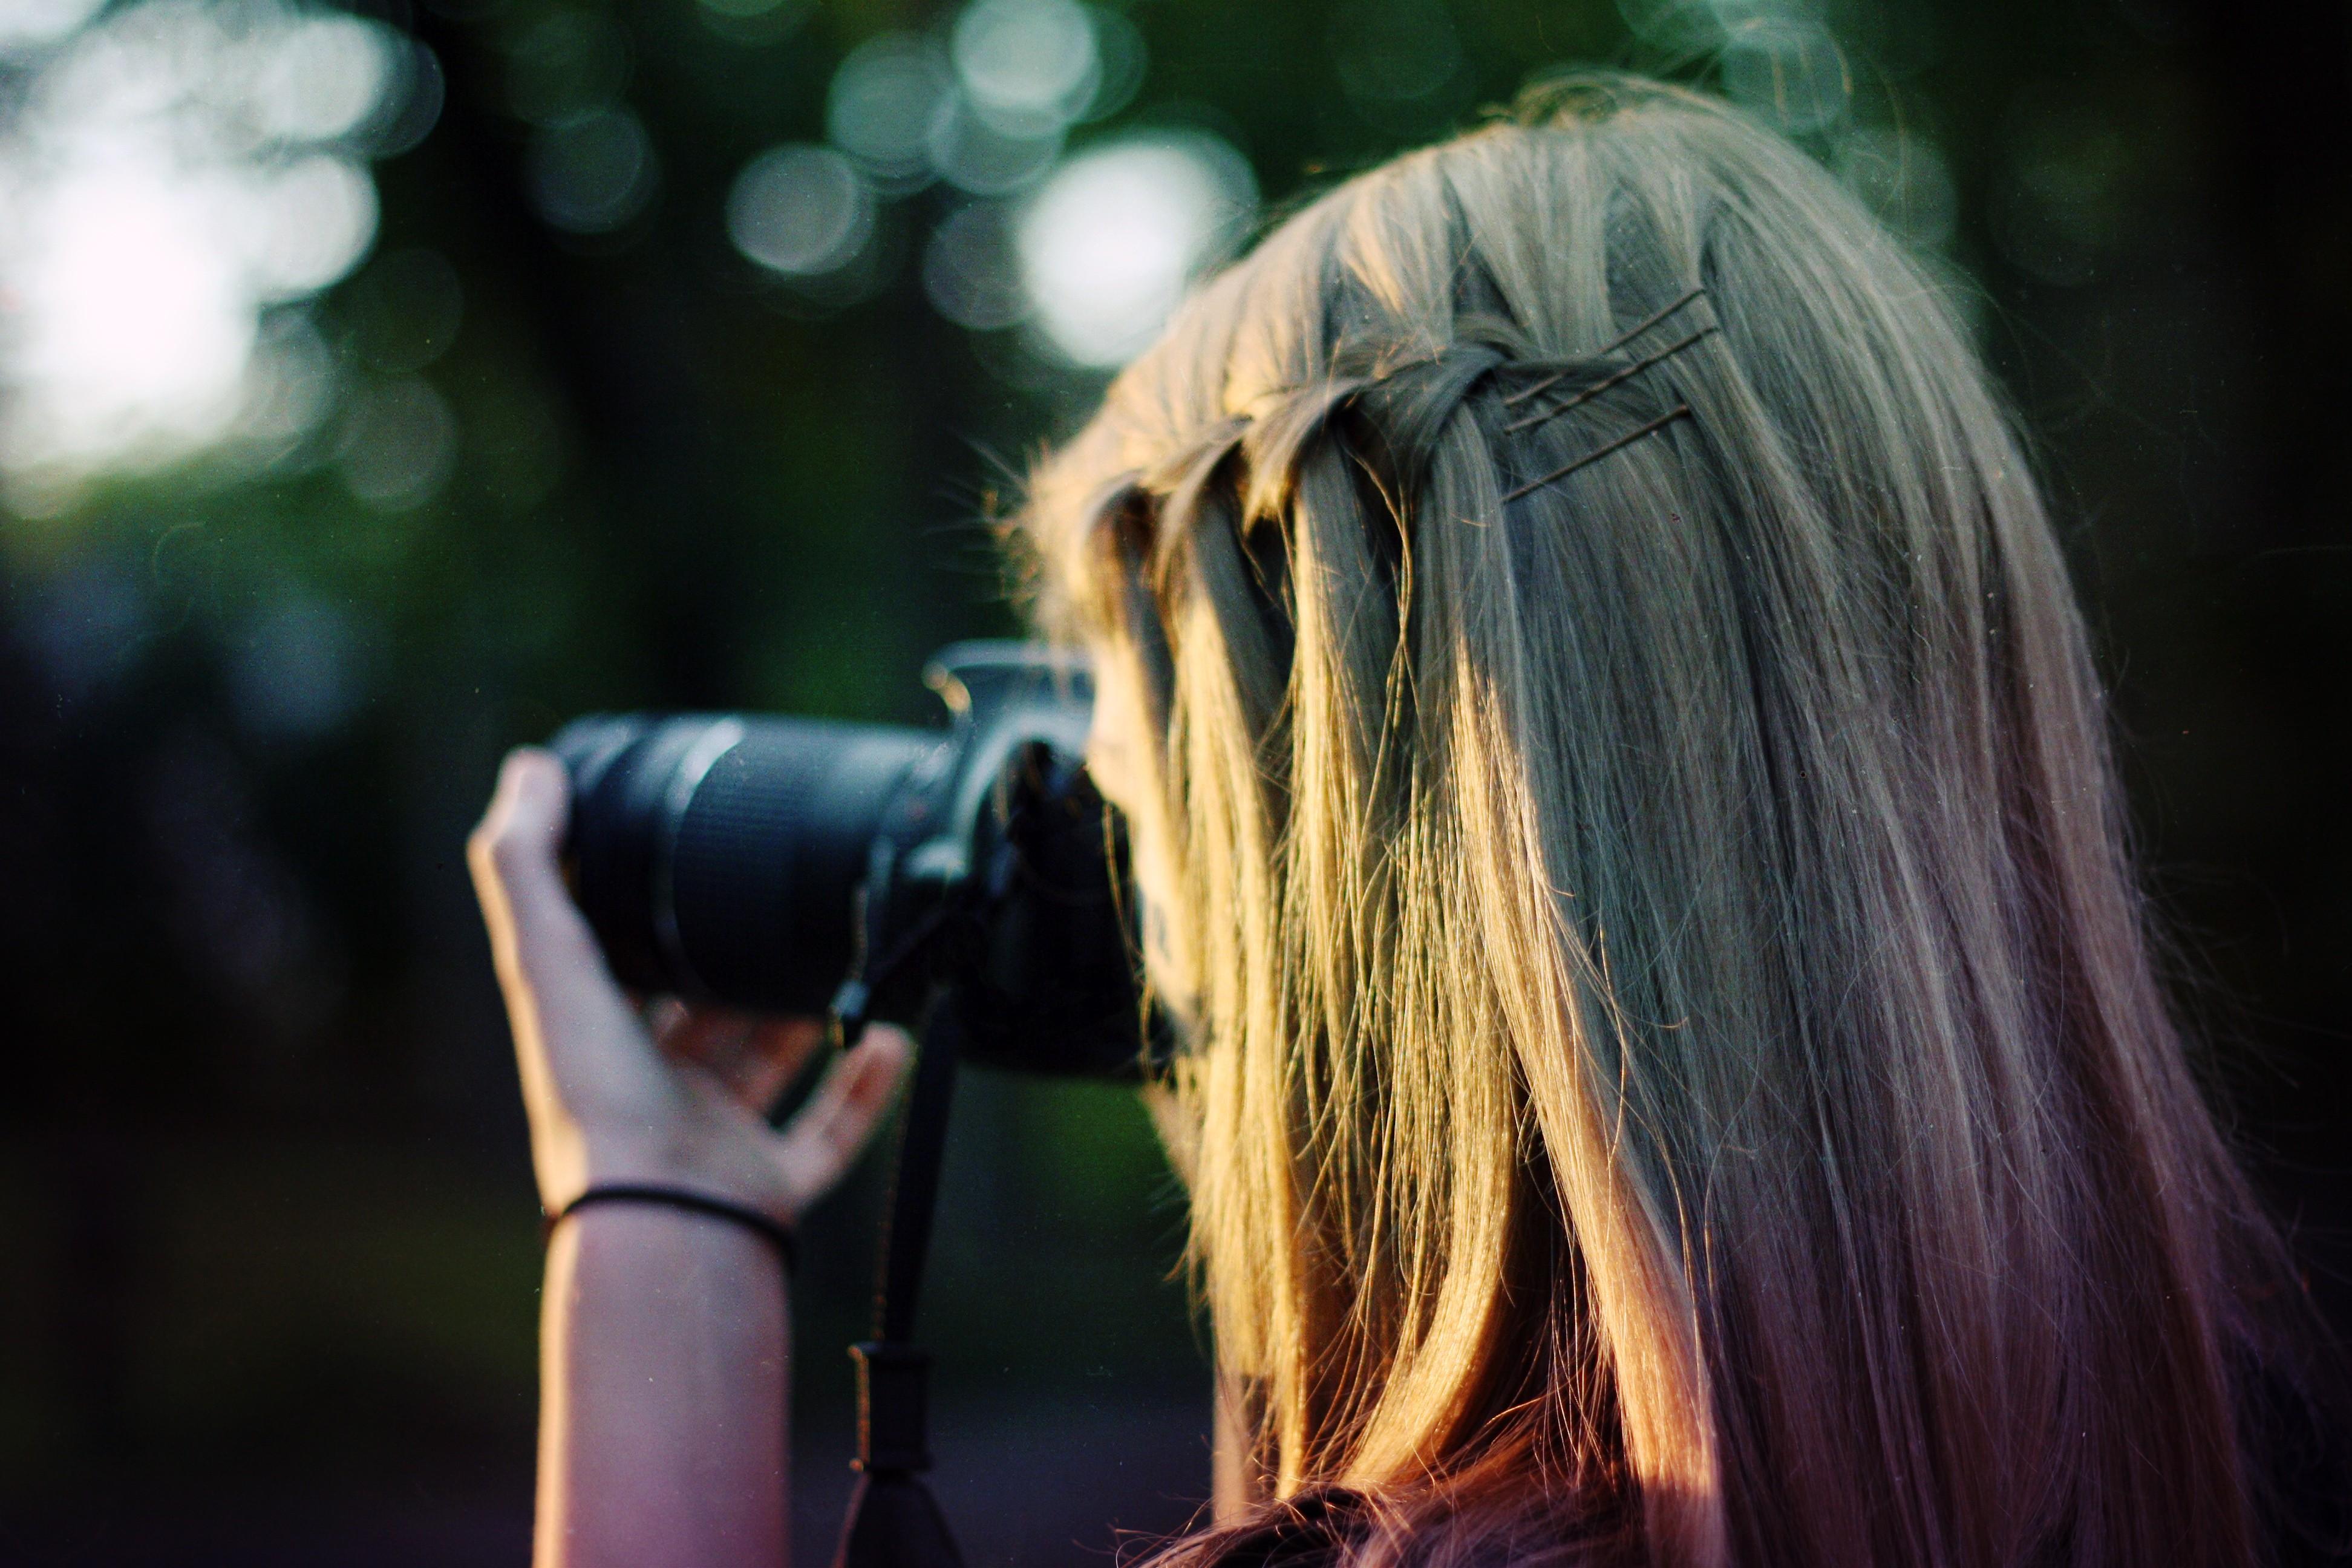 camera women outdoors bokeh blonde women